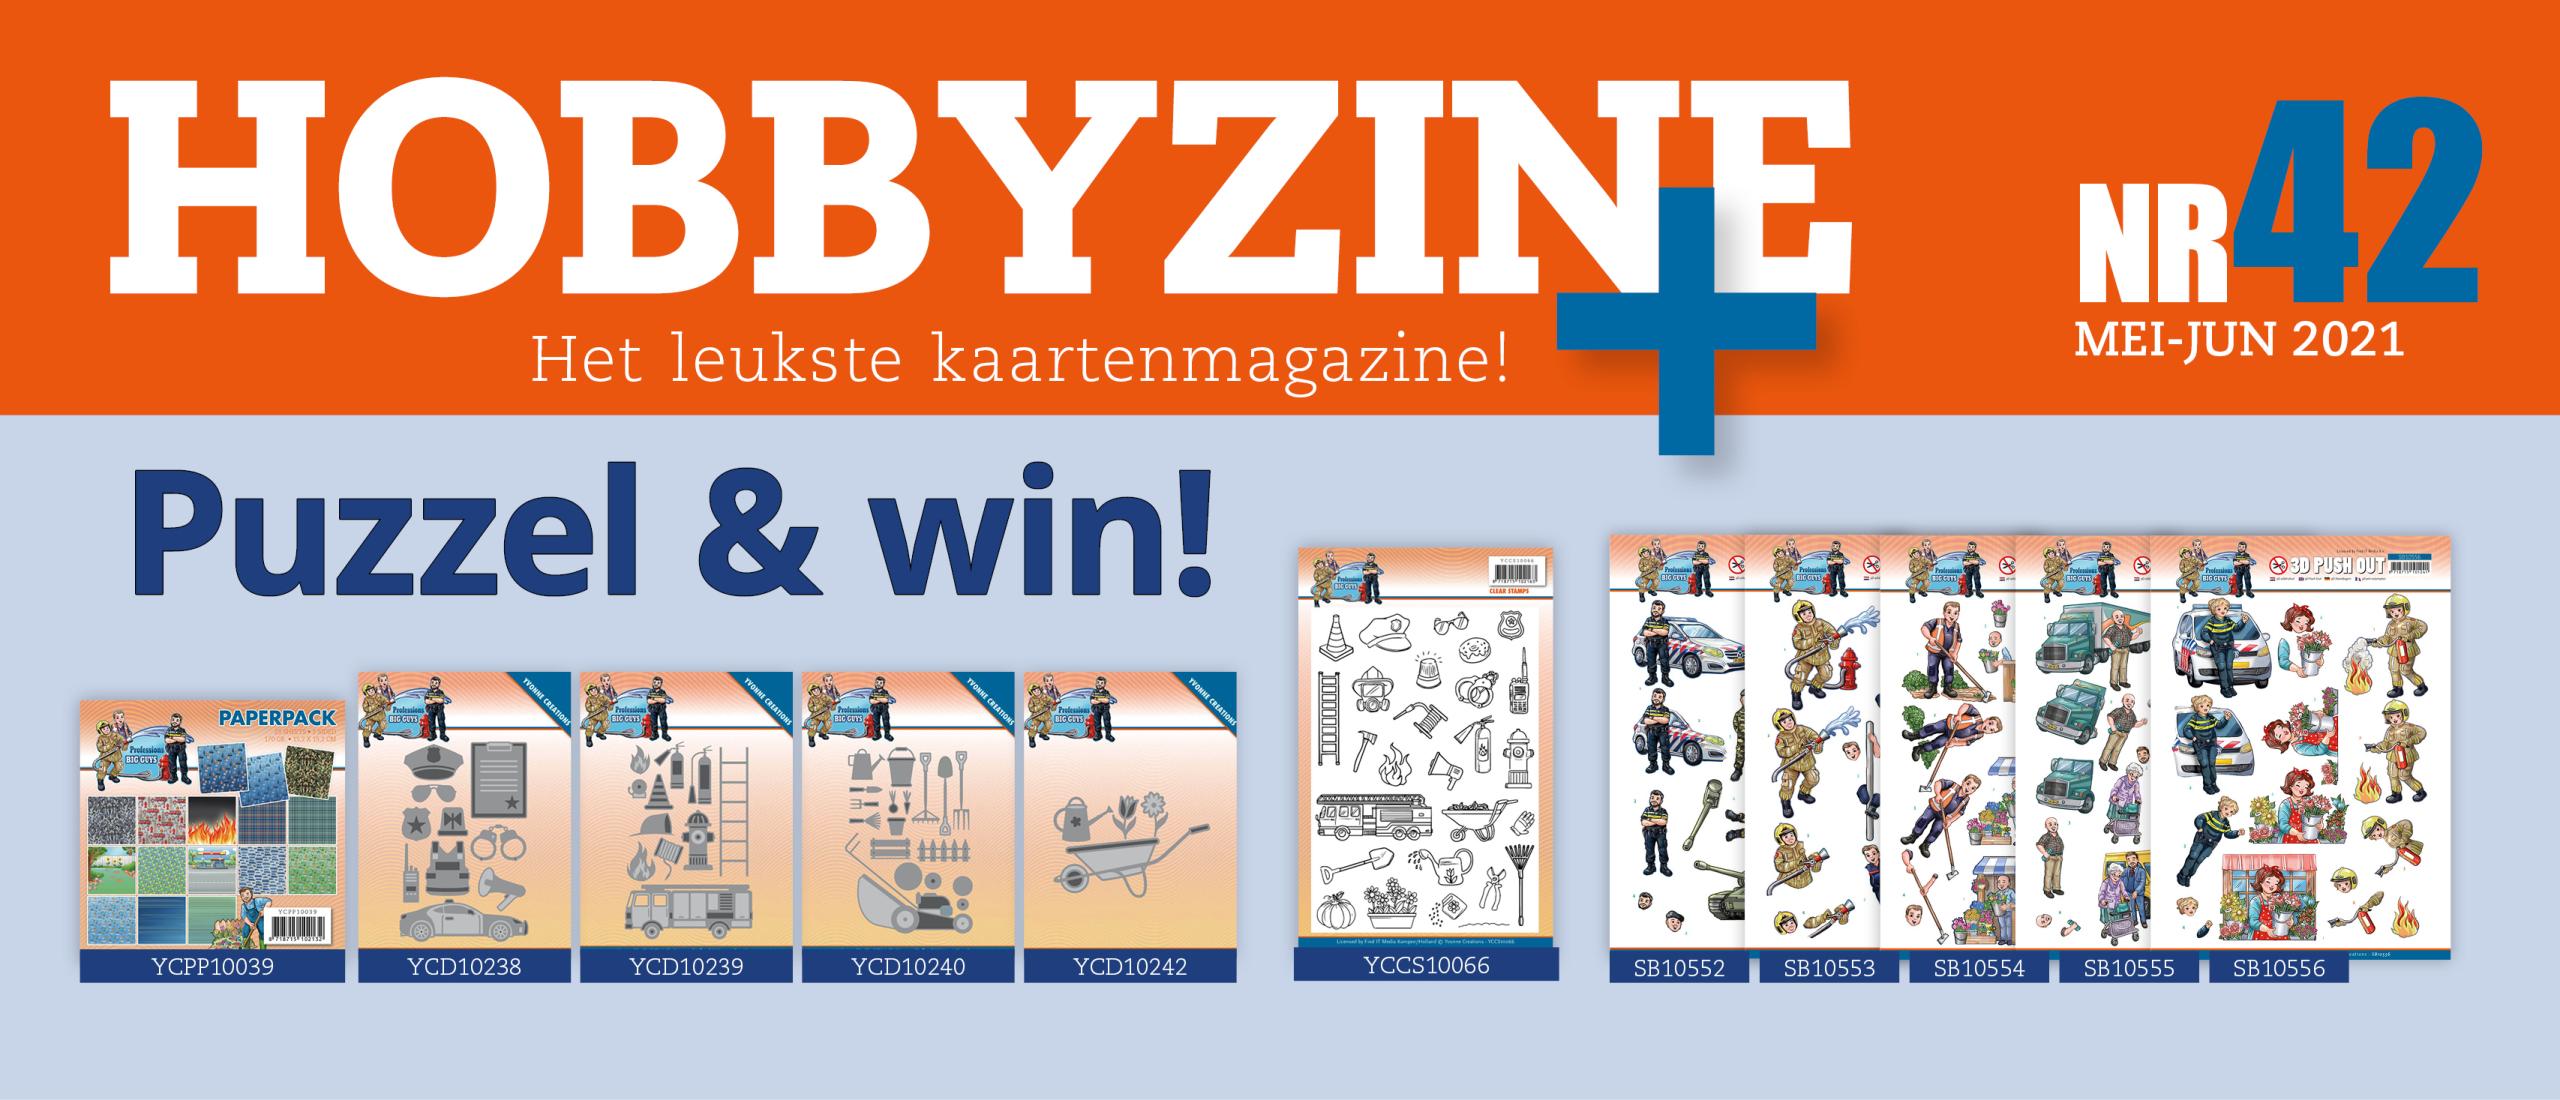 Puzzelprijzen winnen met Hobbyzine 42